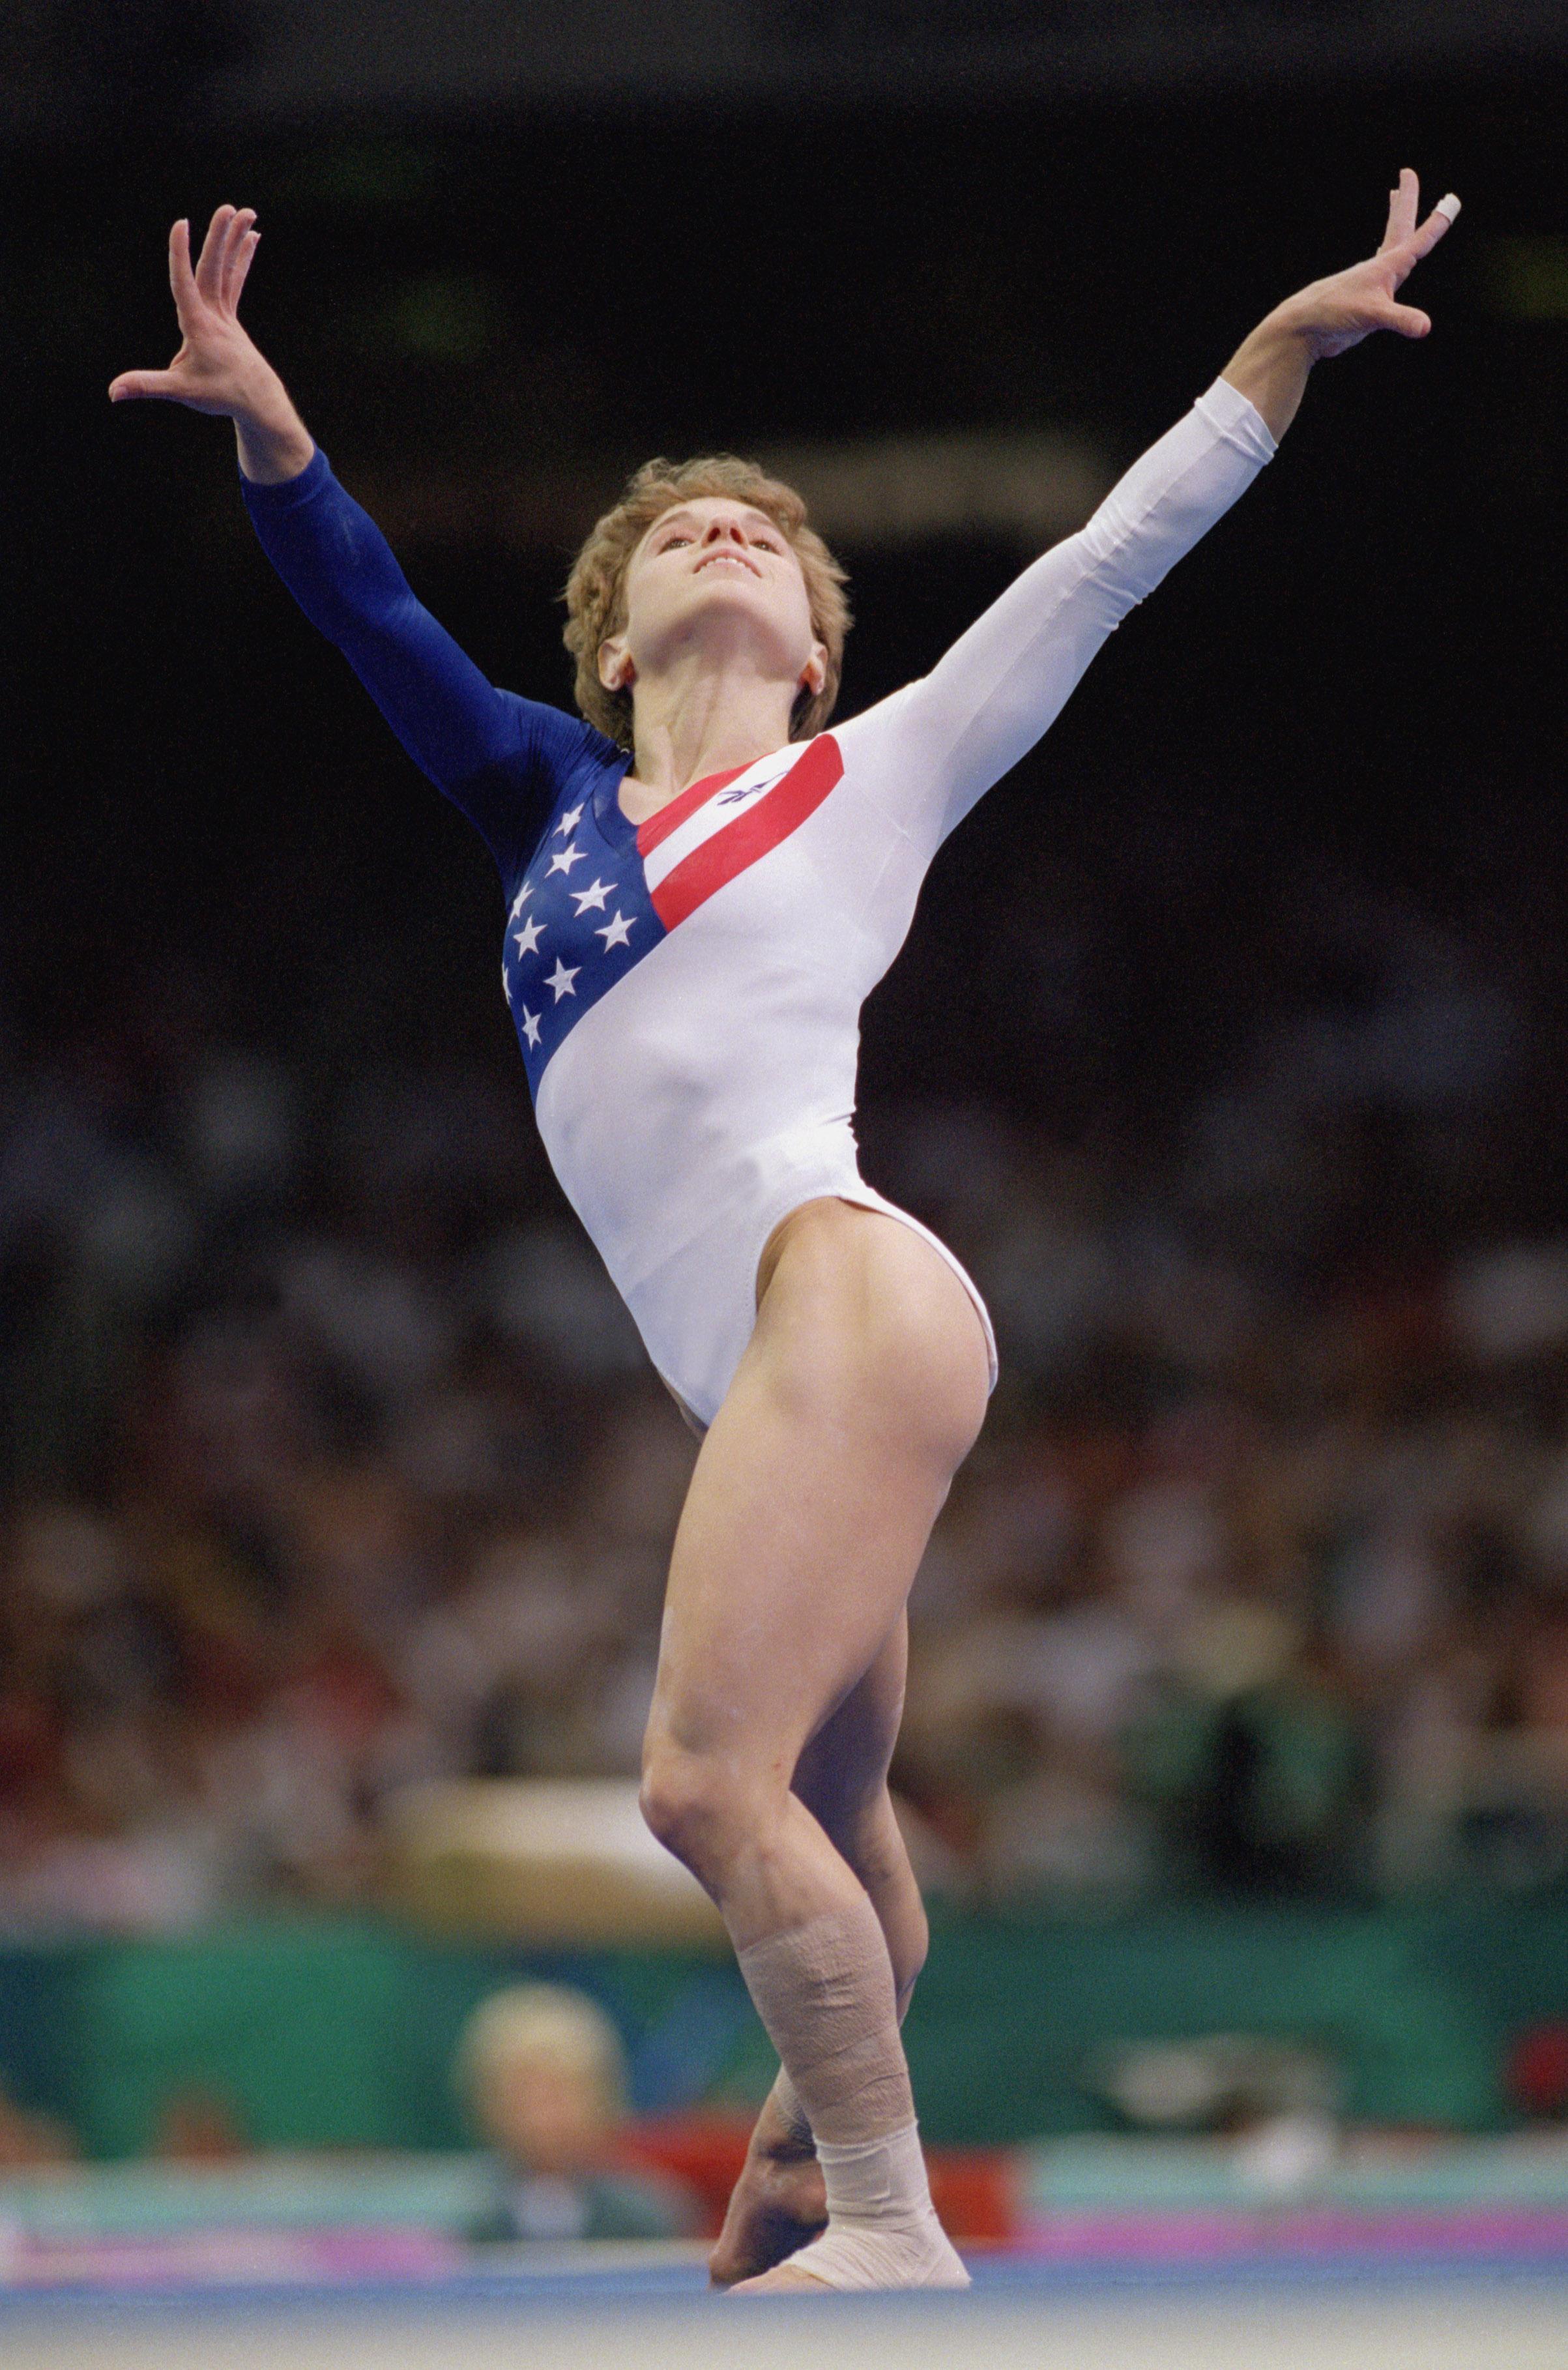 Kerri Strug poses during routine